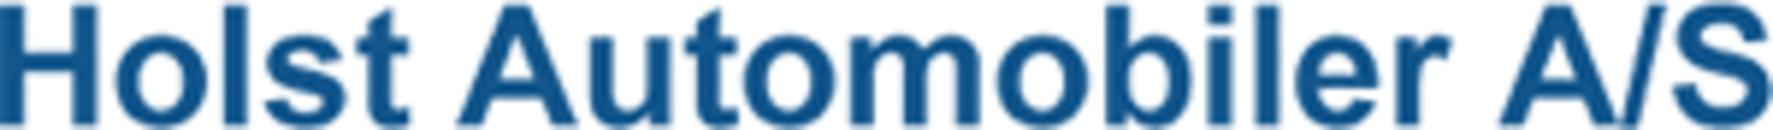 Holst Automobiler Gladsaxe A/S logo